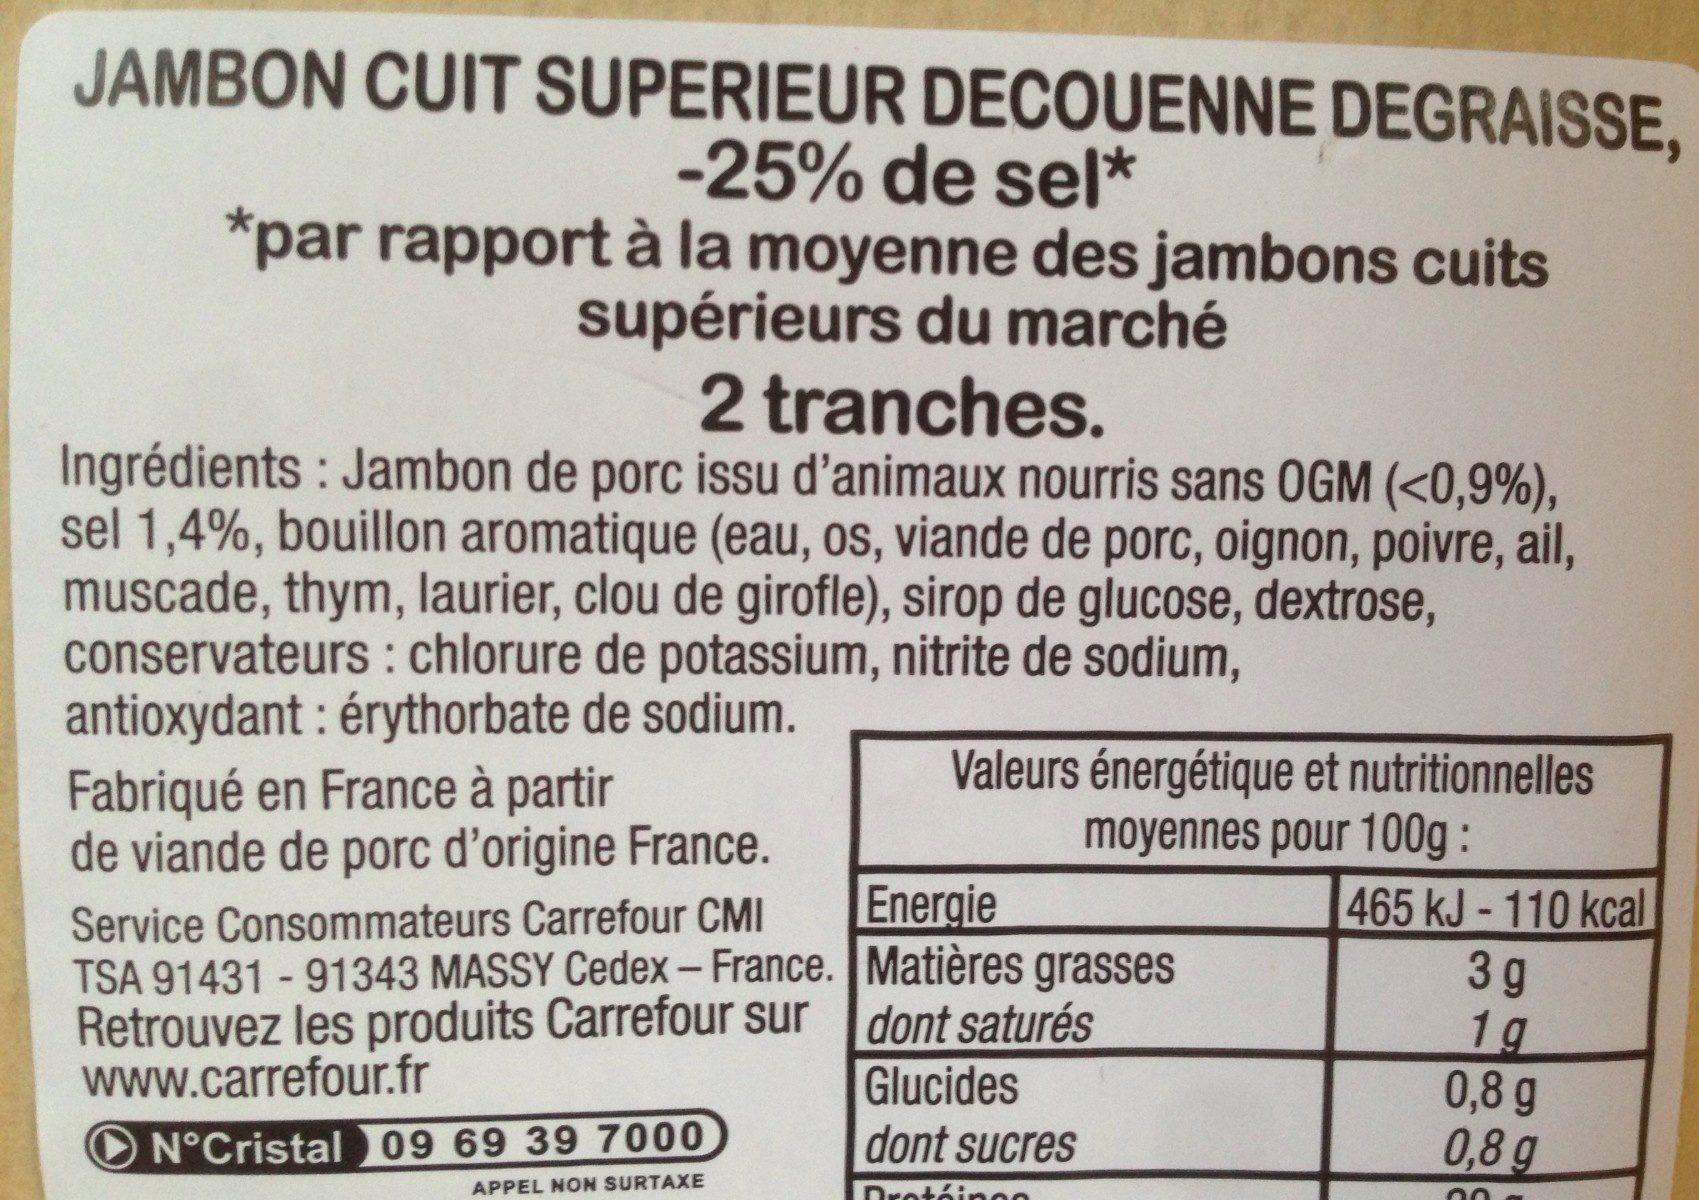 Jambon Cuit Supérieur decouenne, degraissee, -25% de sel - Ingrédients - fr